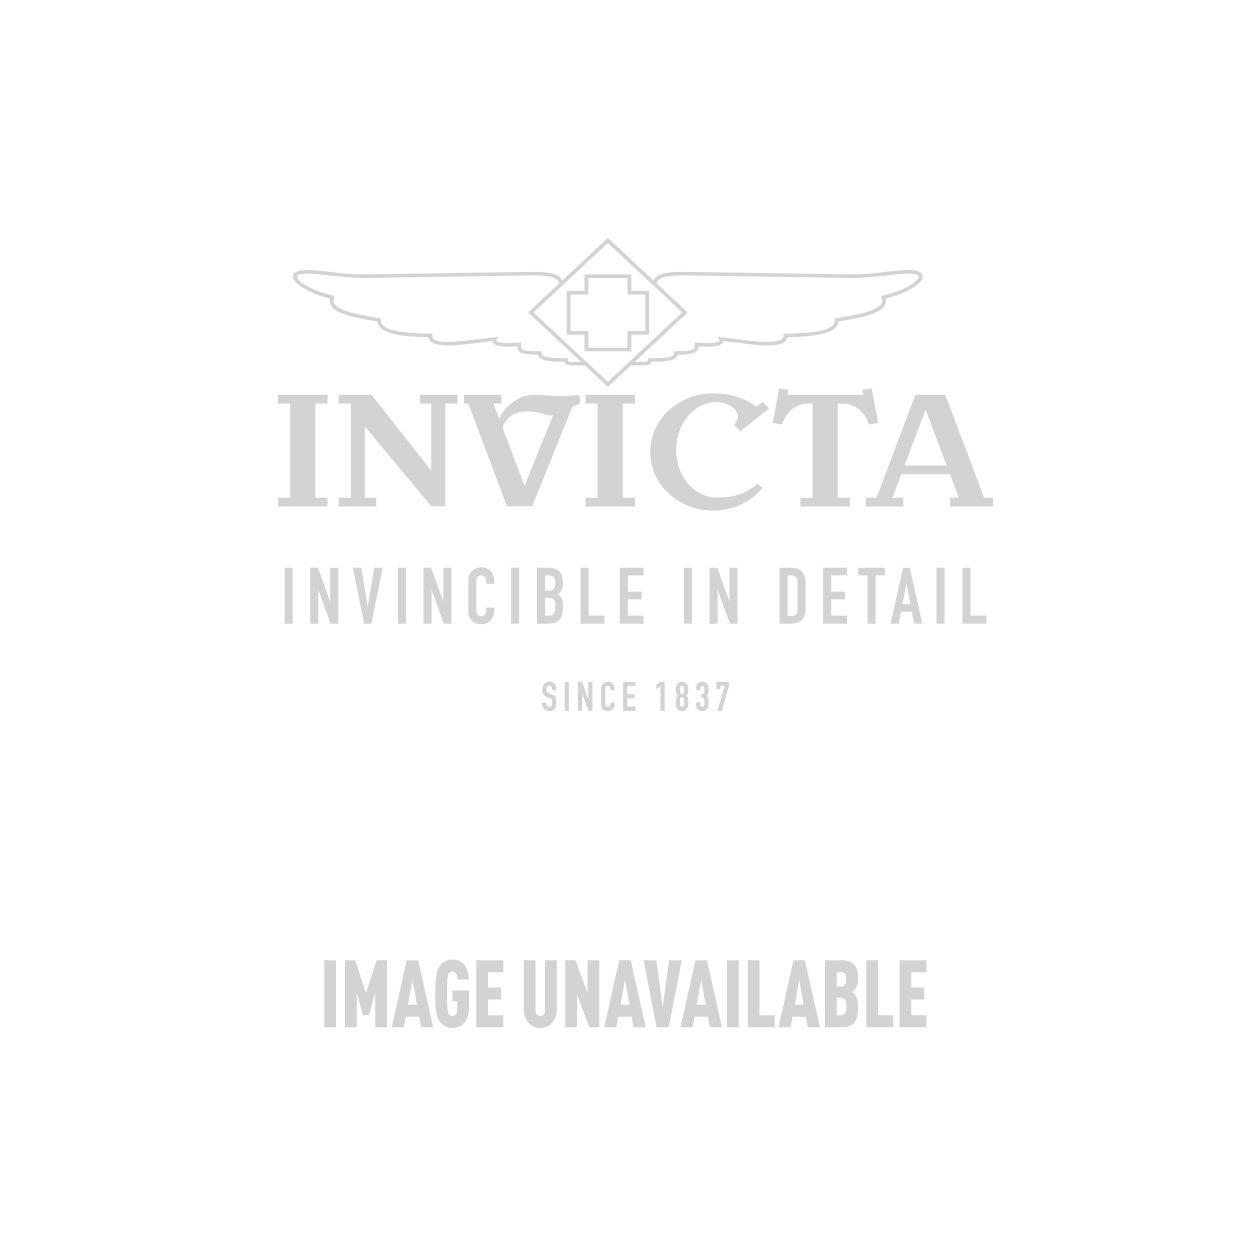 Invicta Model  25974